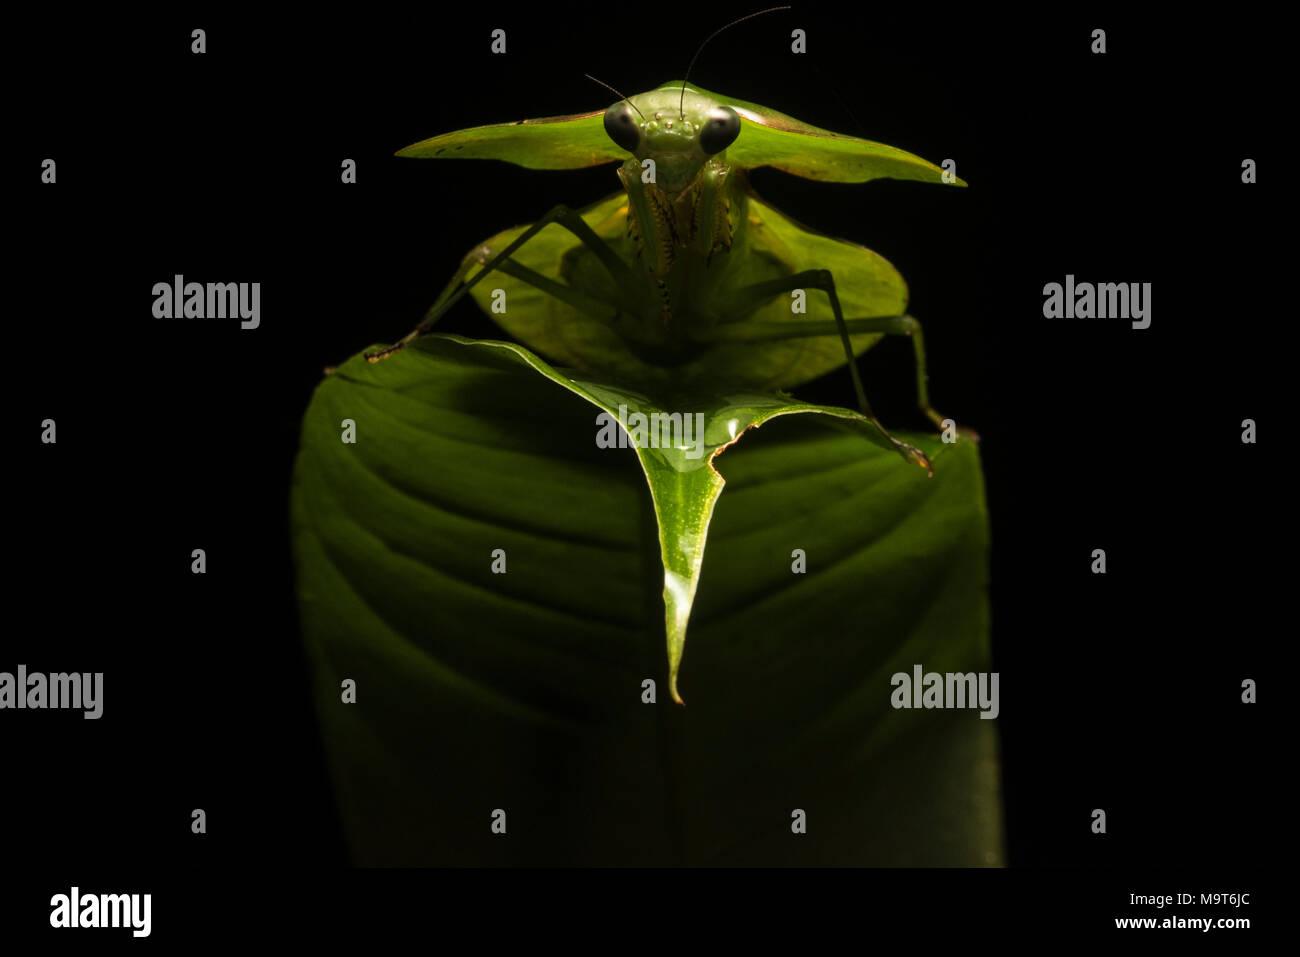 Un bouclier péruvienne se trouve sur une feuille mantis dans la jungle, en utilisant un flash externe atteint un effet de rétro-éclairage qui fait le plus spectaculaire mantis Photo Stock